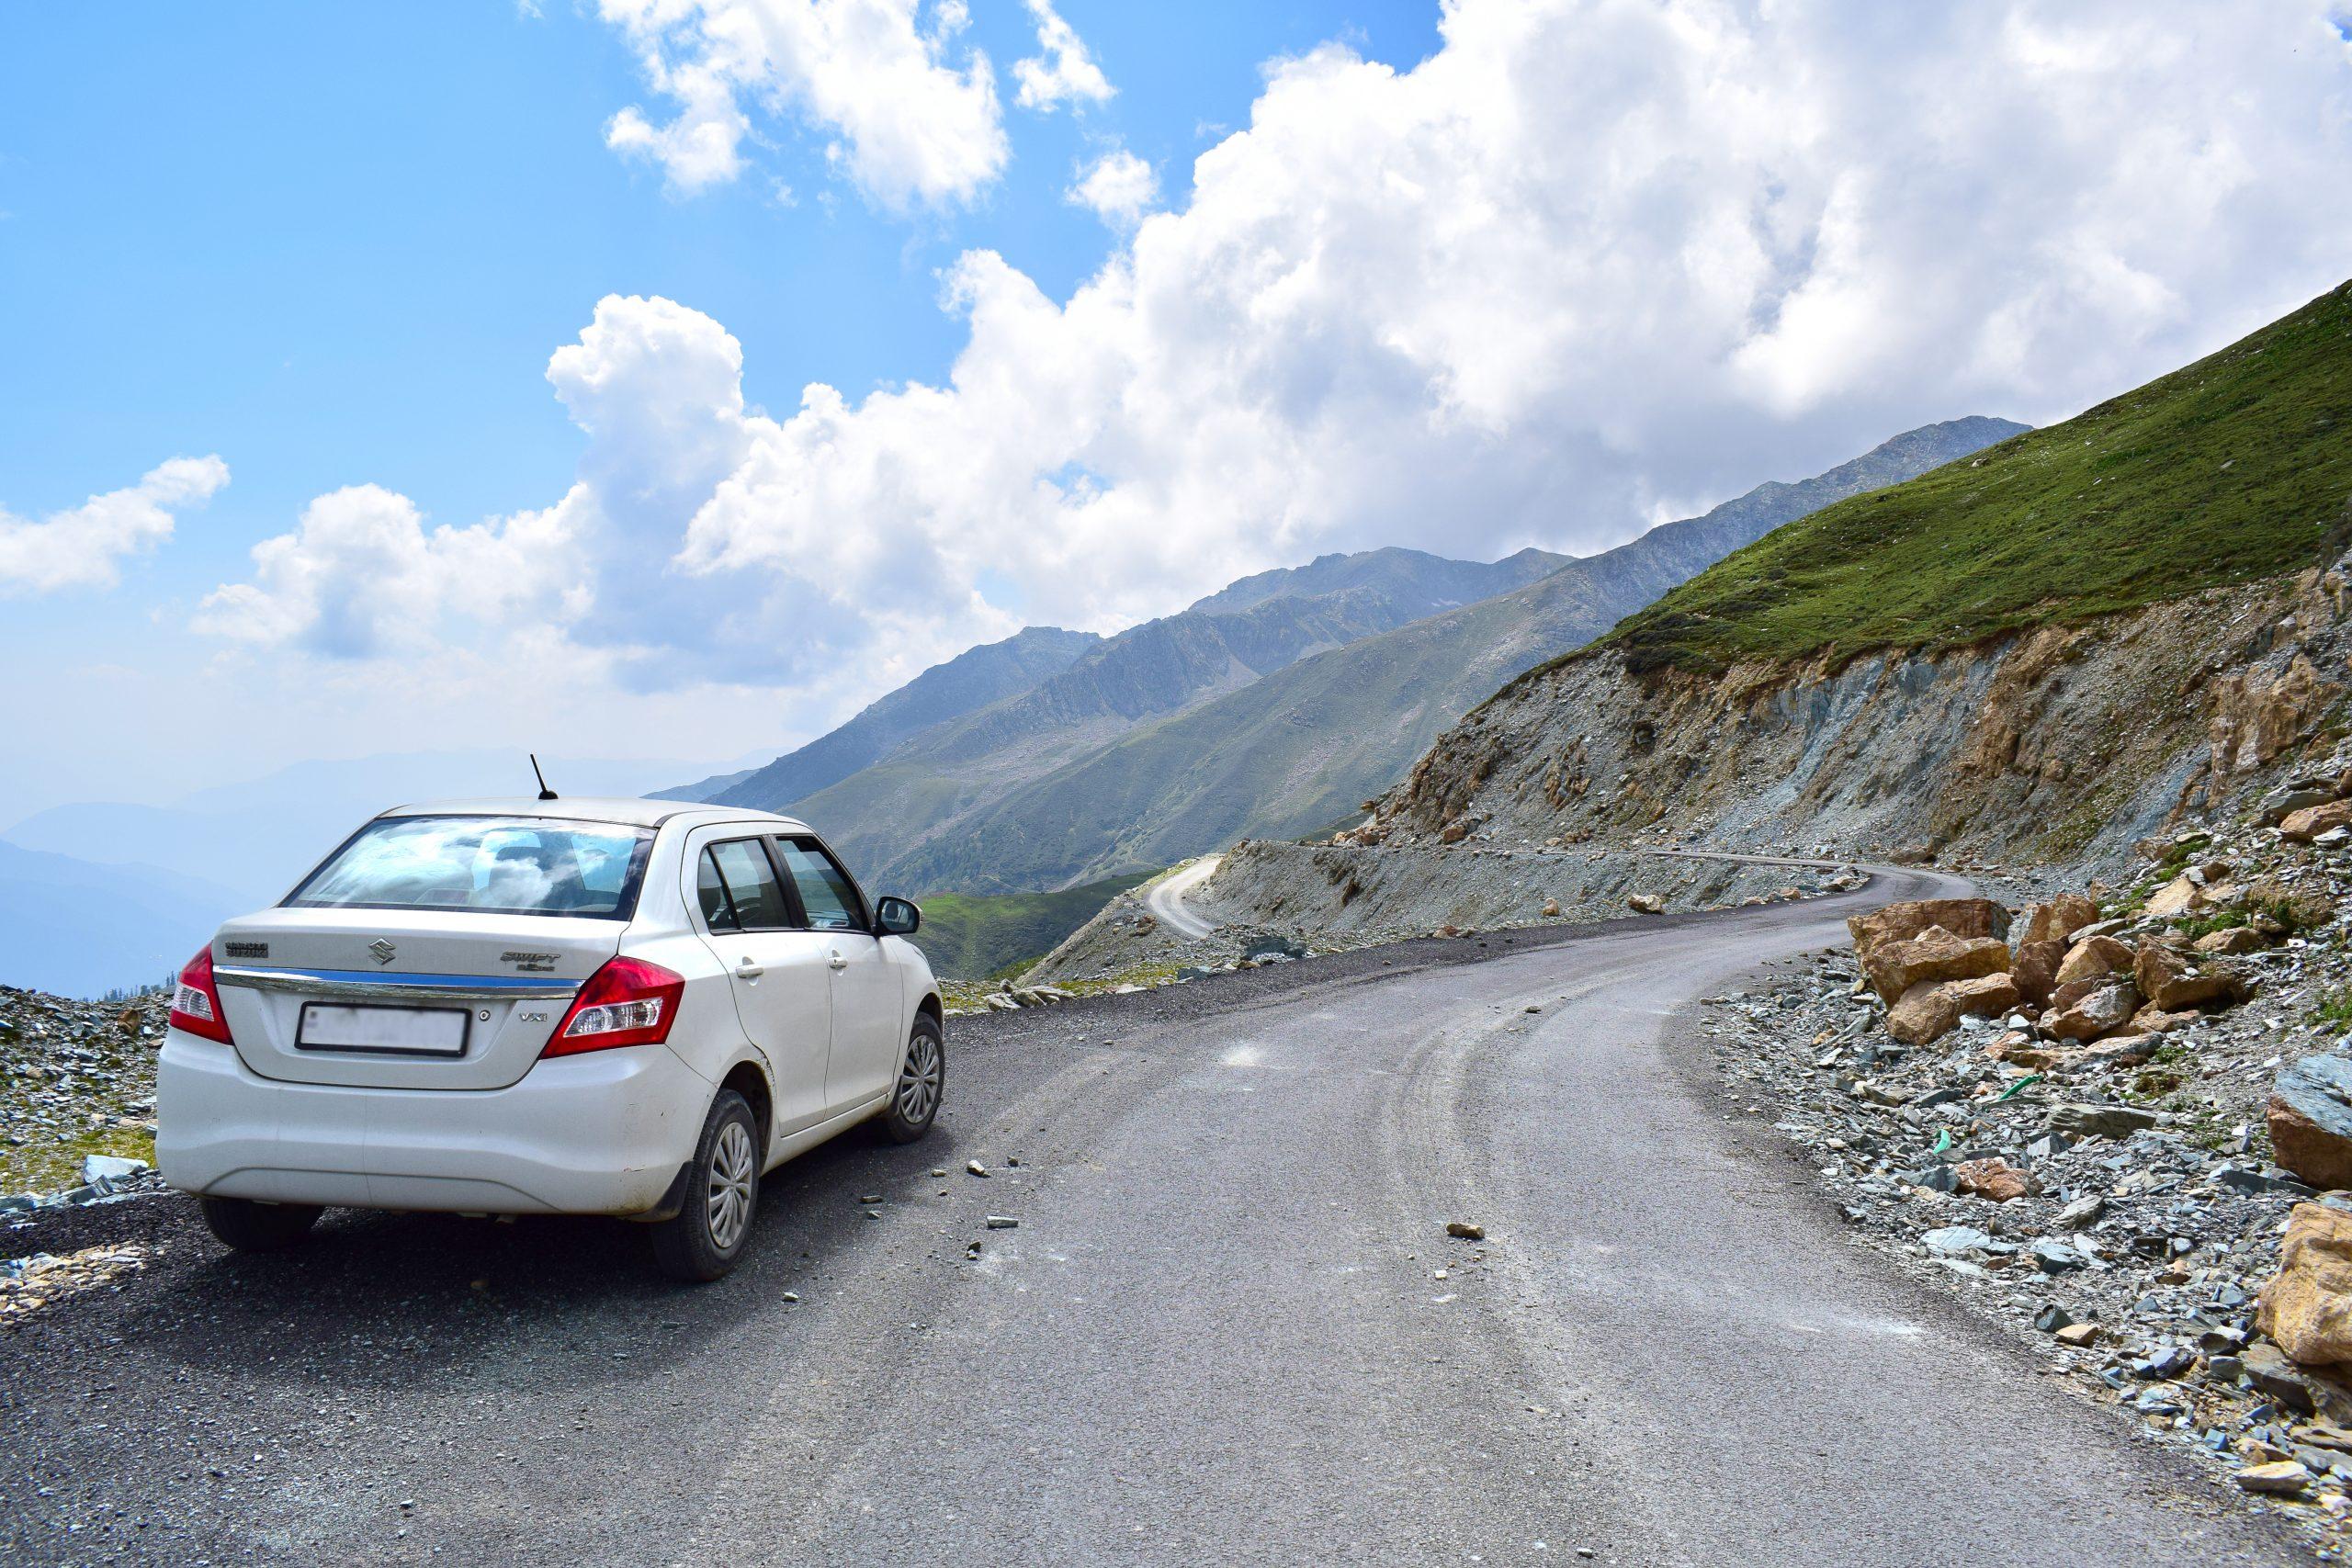 Road trip to Sinthan Top, Kashmir.